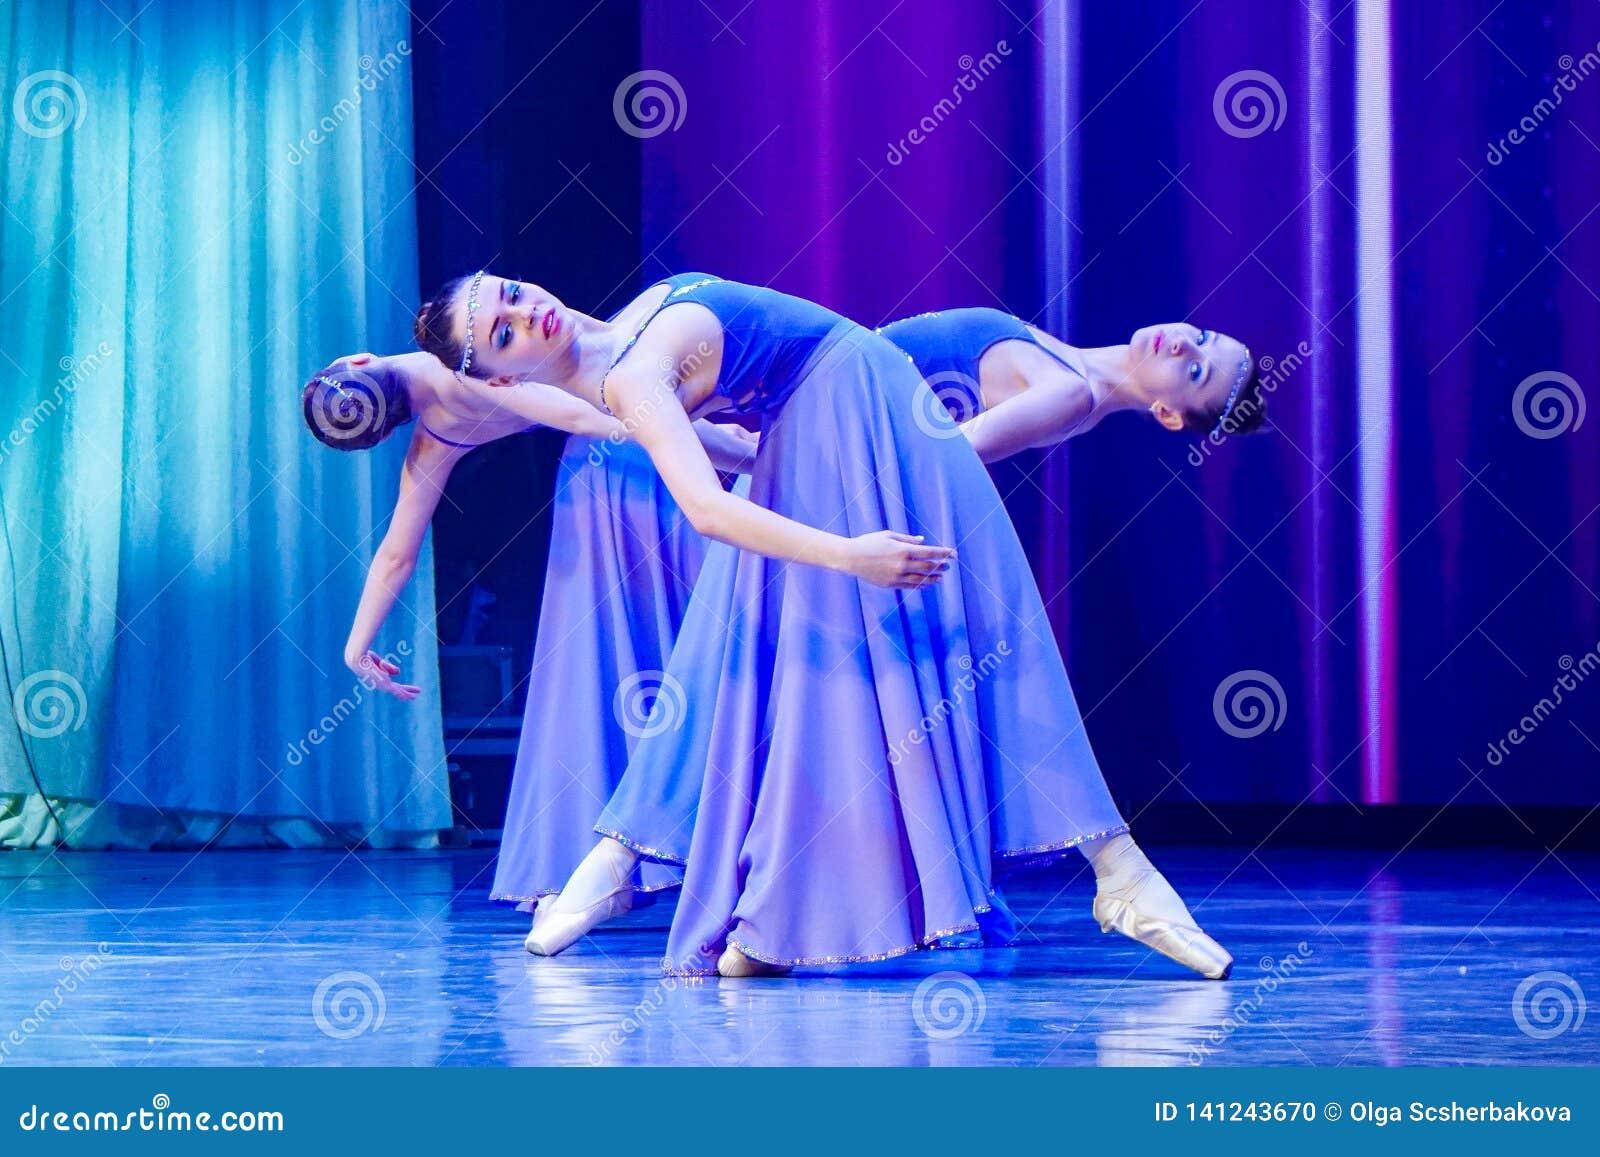 Tanzende Ballerinamädchen in der purpurroten Kleidung